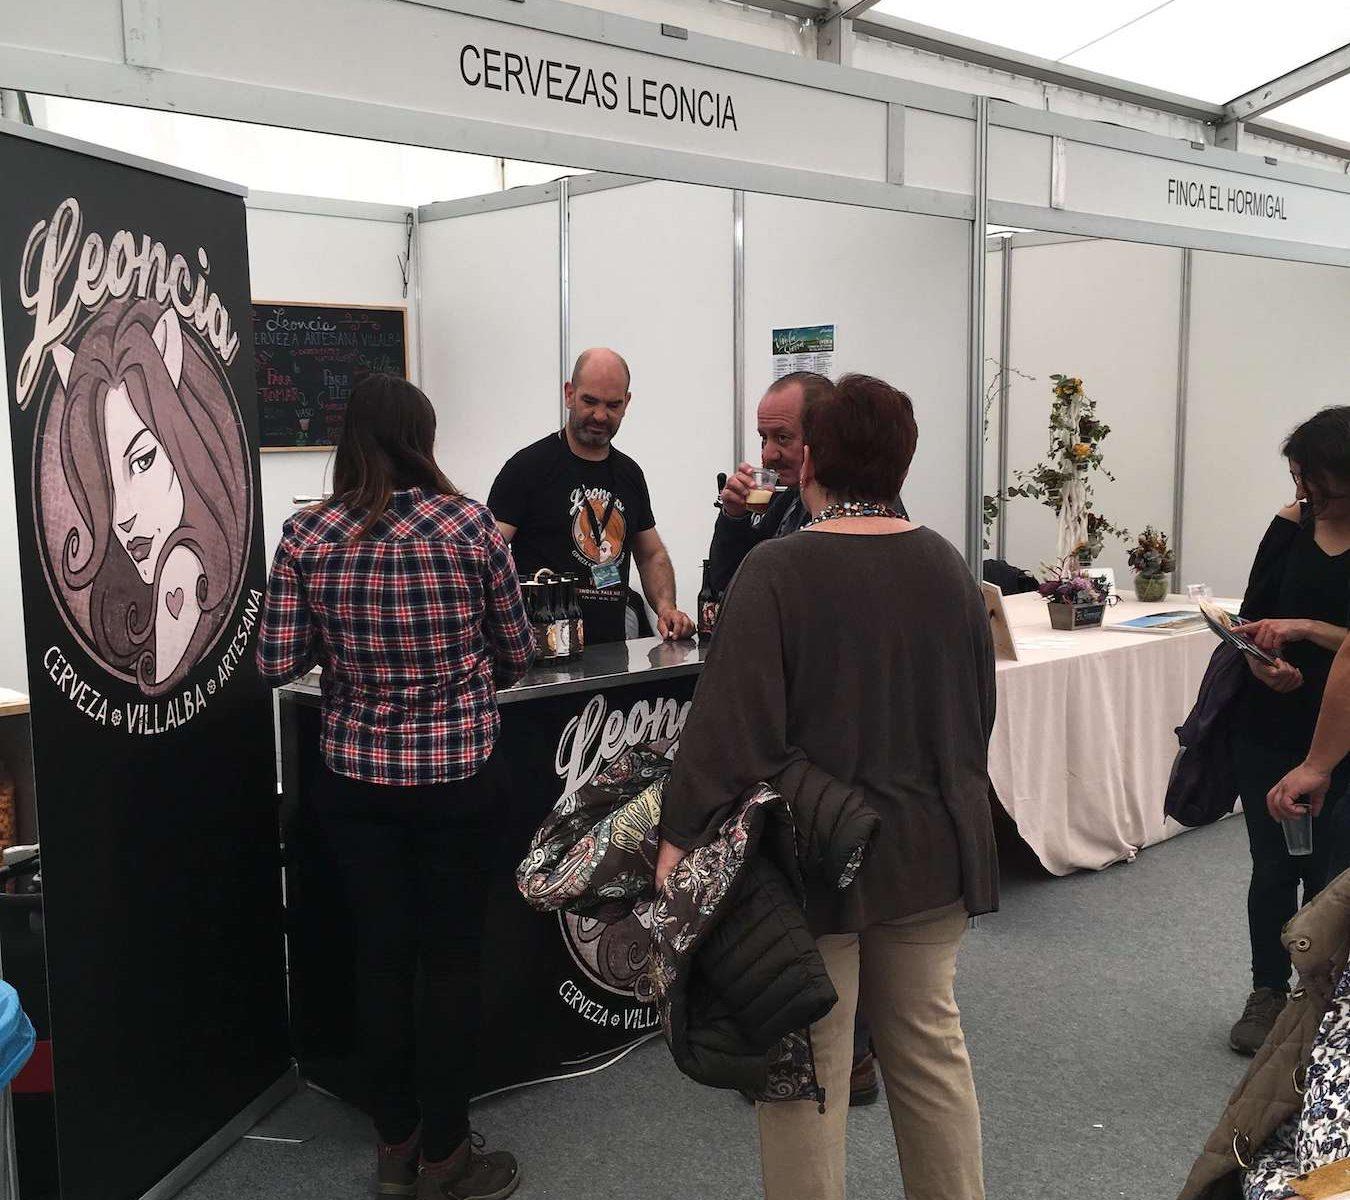 Cervezas artesanas Leoncia en Vive la Sierra 2019